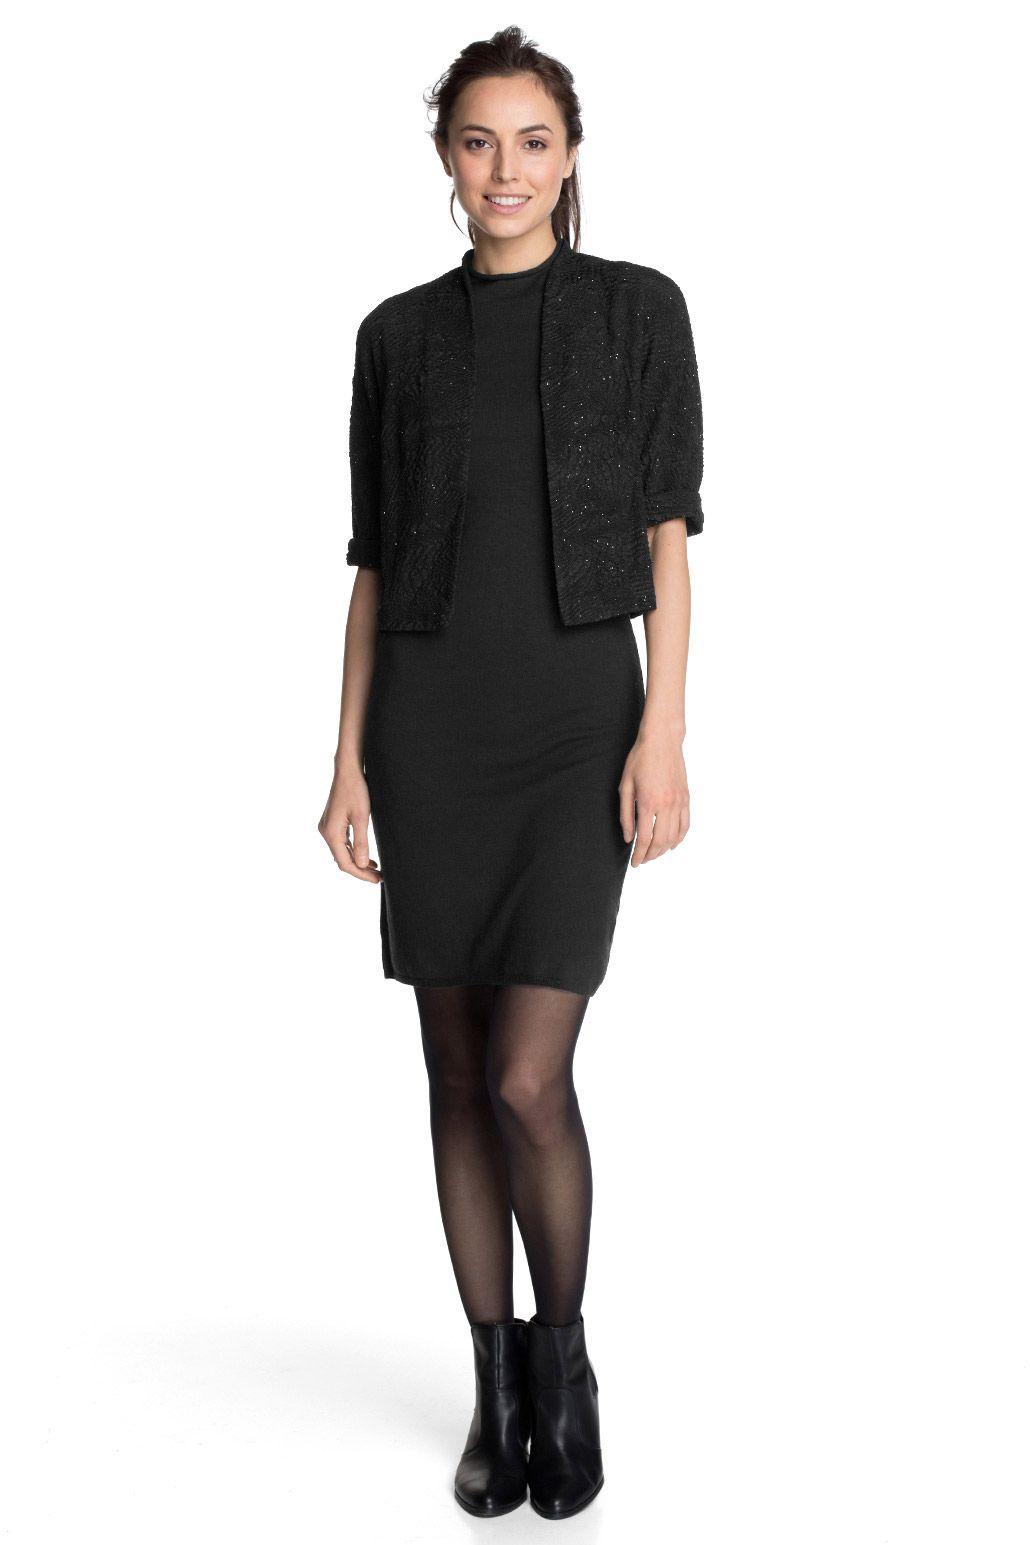 Esprit : Bolero elástico con textura y brillo en la Online-Shop